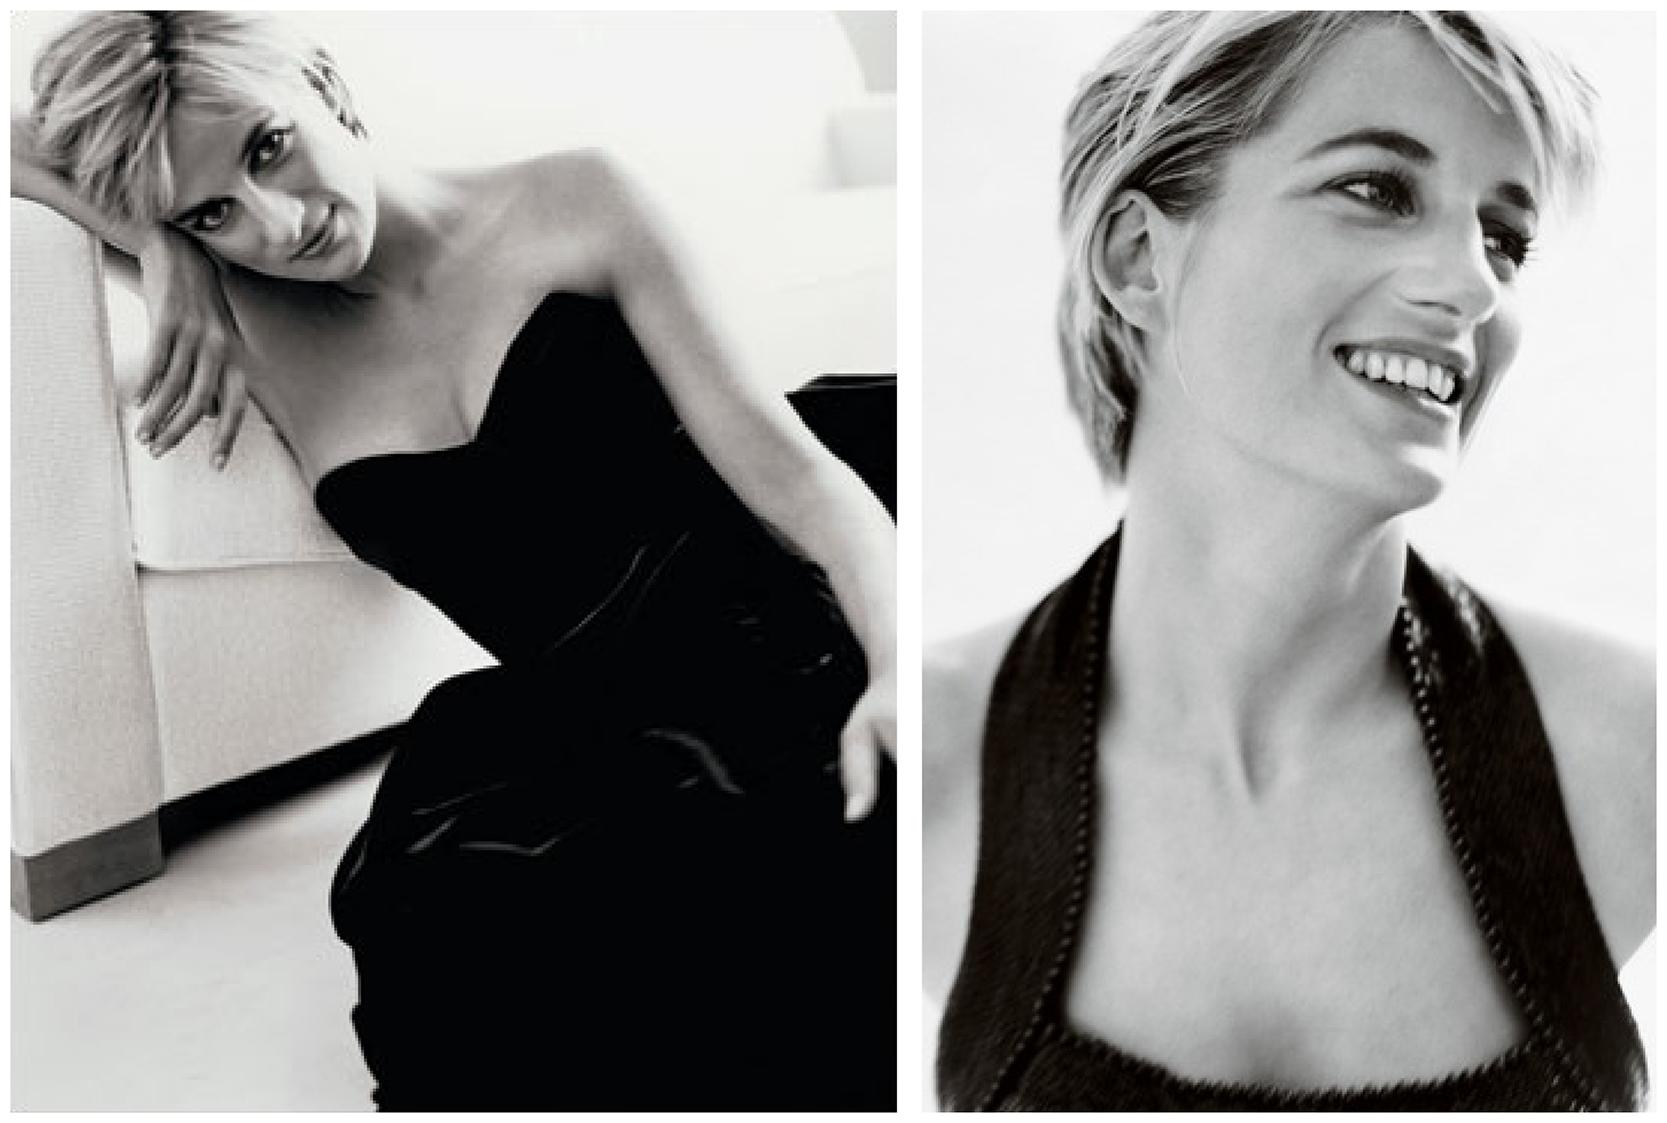 Original photos of Princess Diana